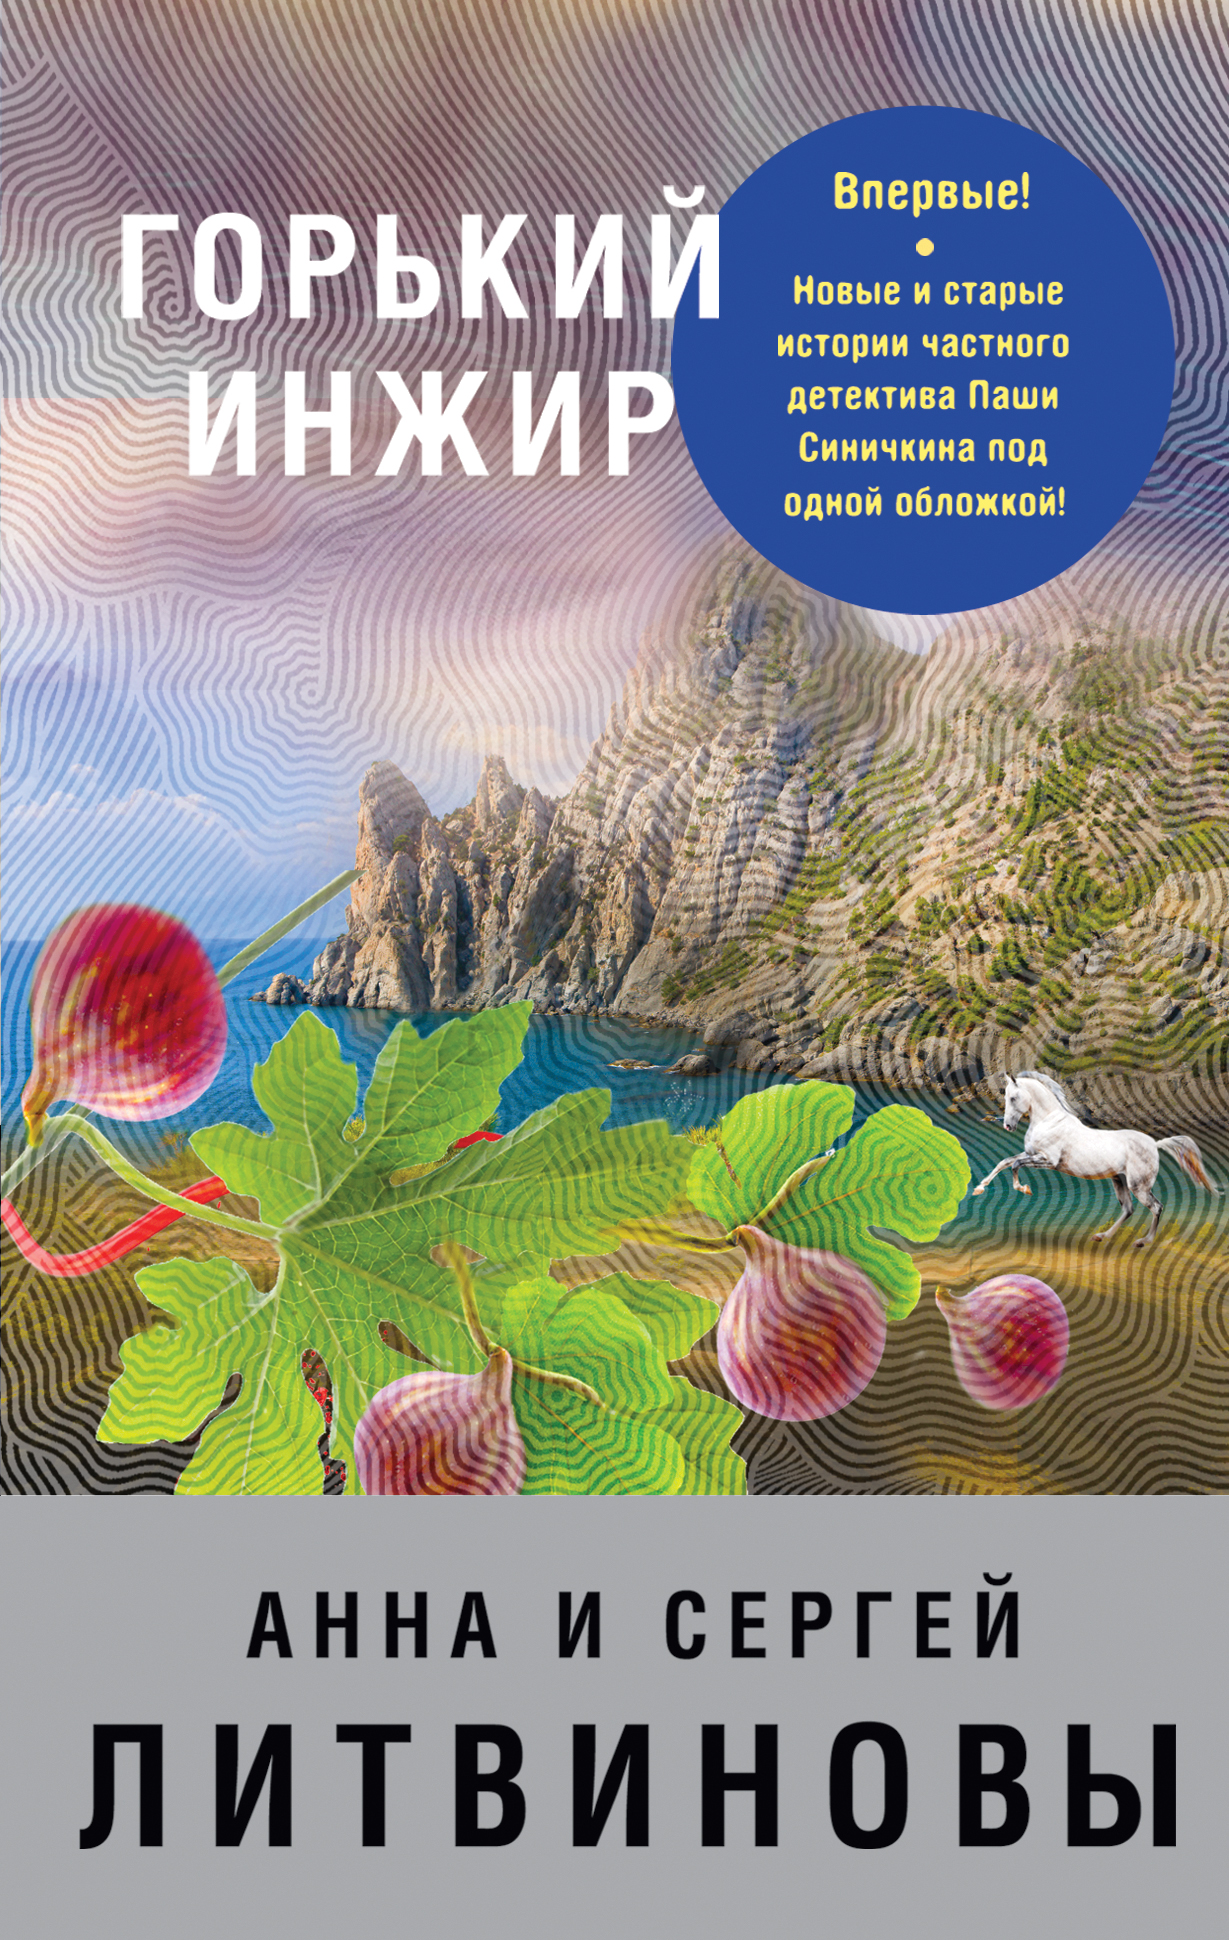 Литвинов Сергей Витальевич Горький инжир павел берснев мистическое путешествие в новый свет